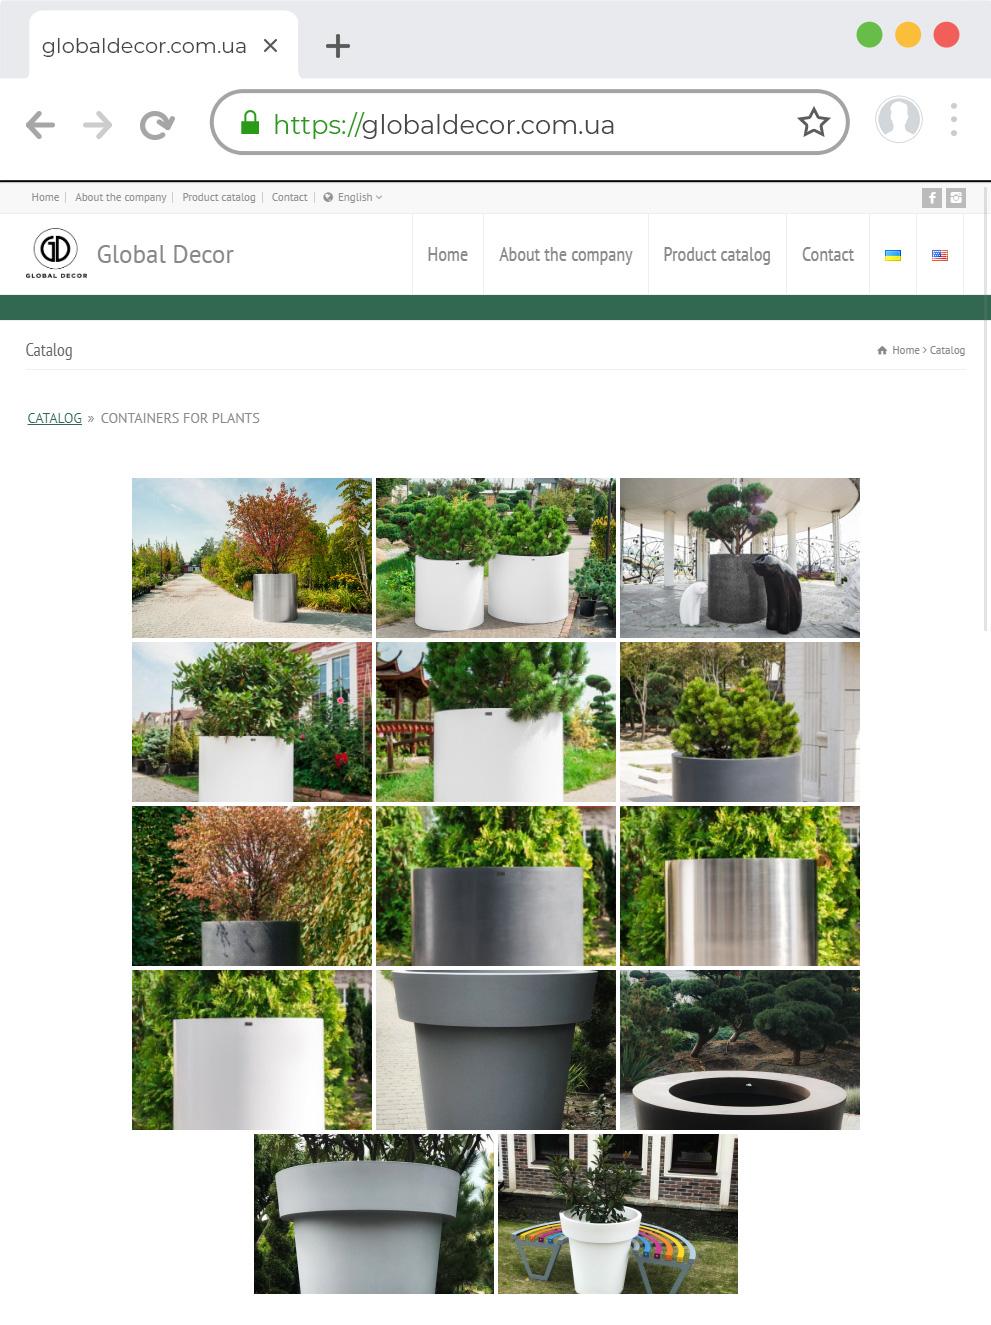 Сайт по производству дизайнерских новогодних украшений Global Market